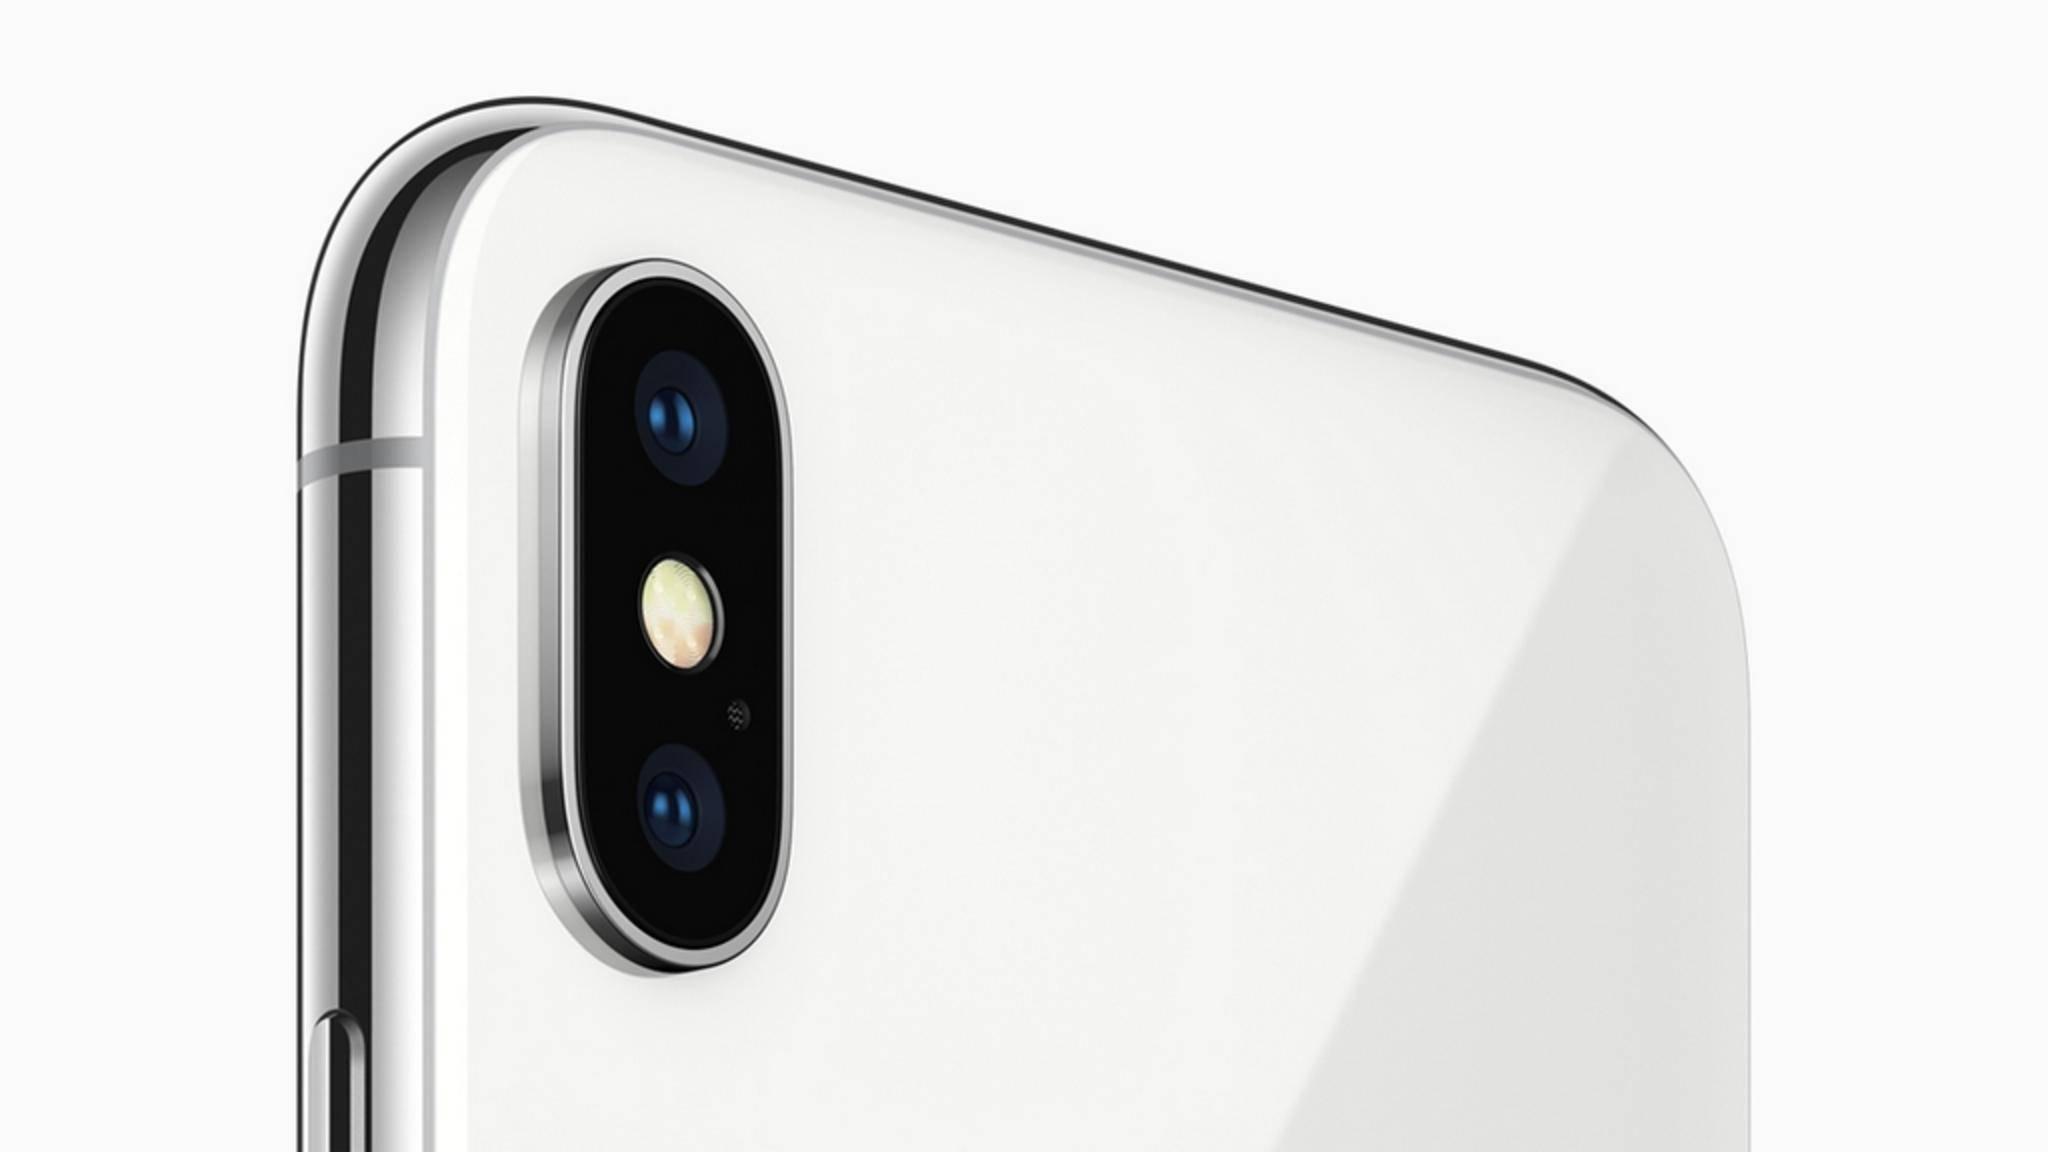 Das iPhone X hat als erstes Modell eine vertikale Dual-Kamera.